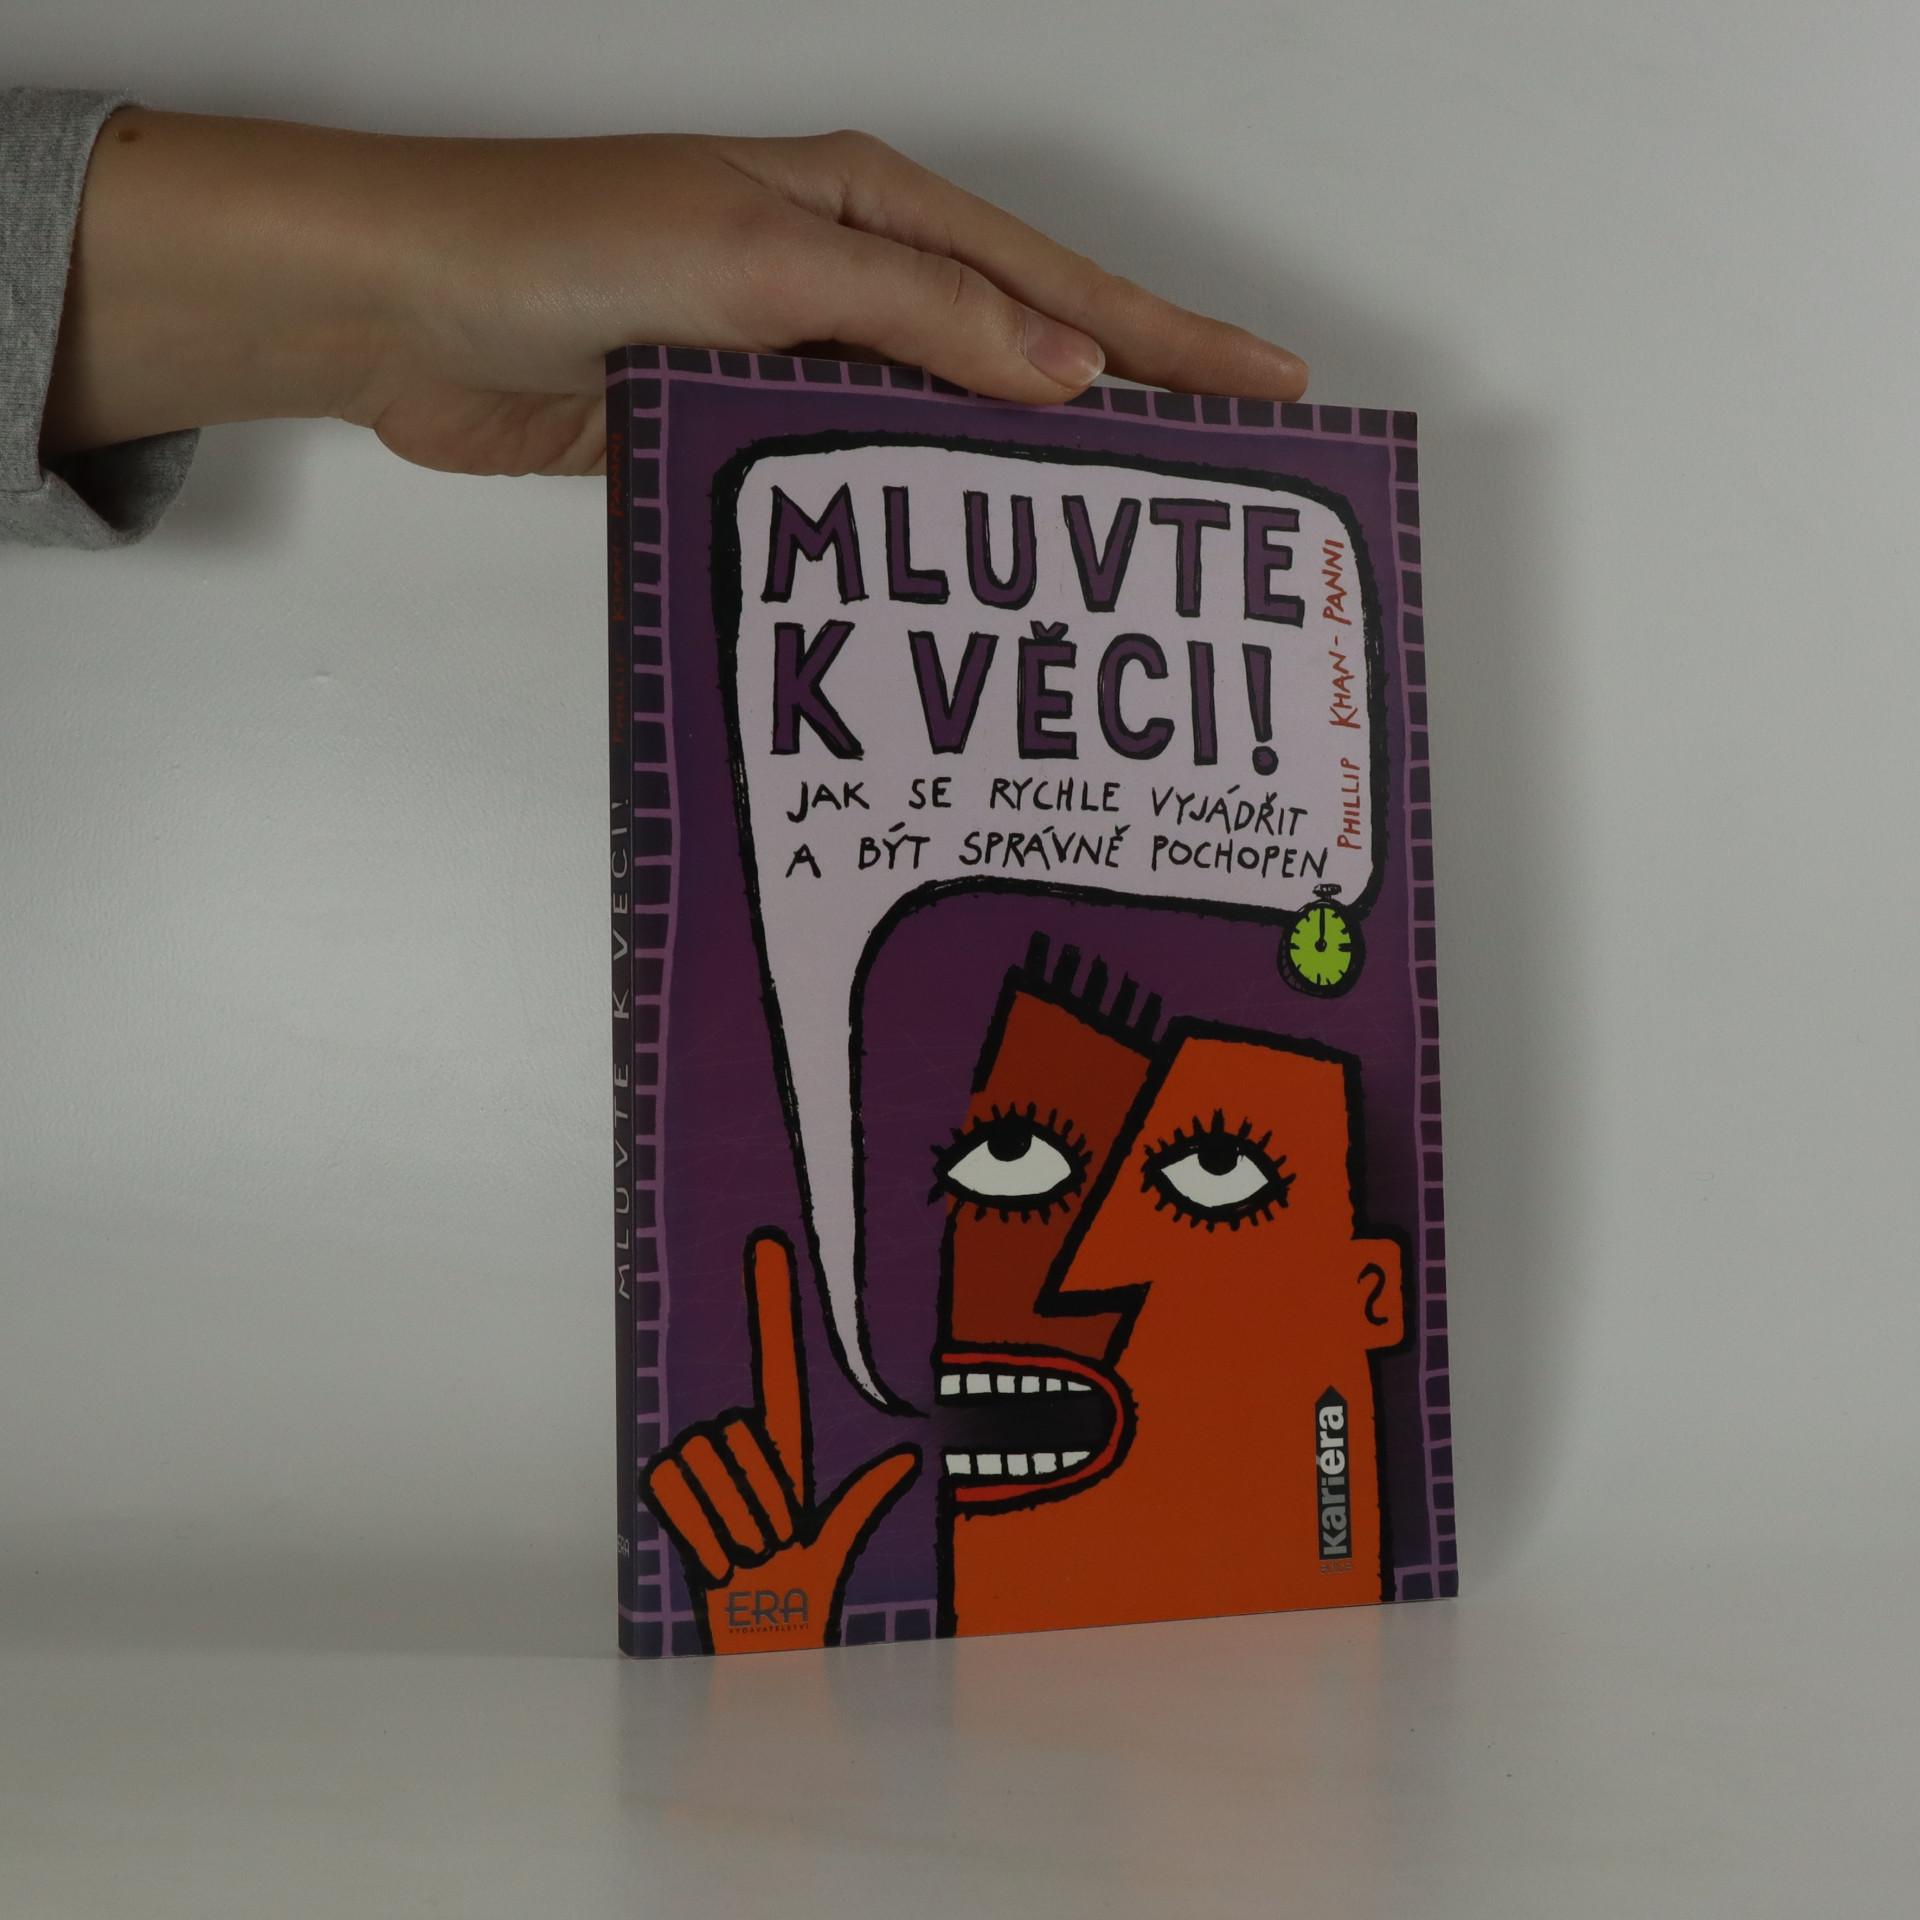 antikvární kniha Mluvte k věci!, 2002